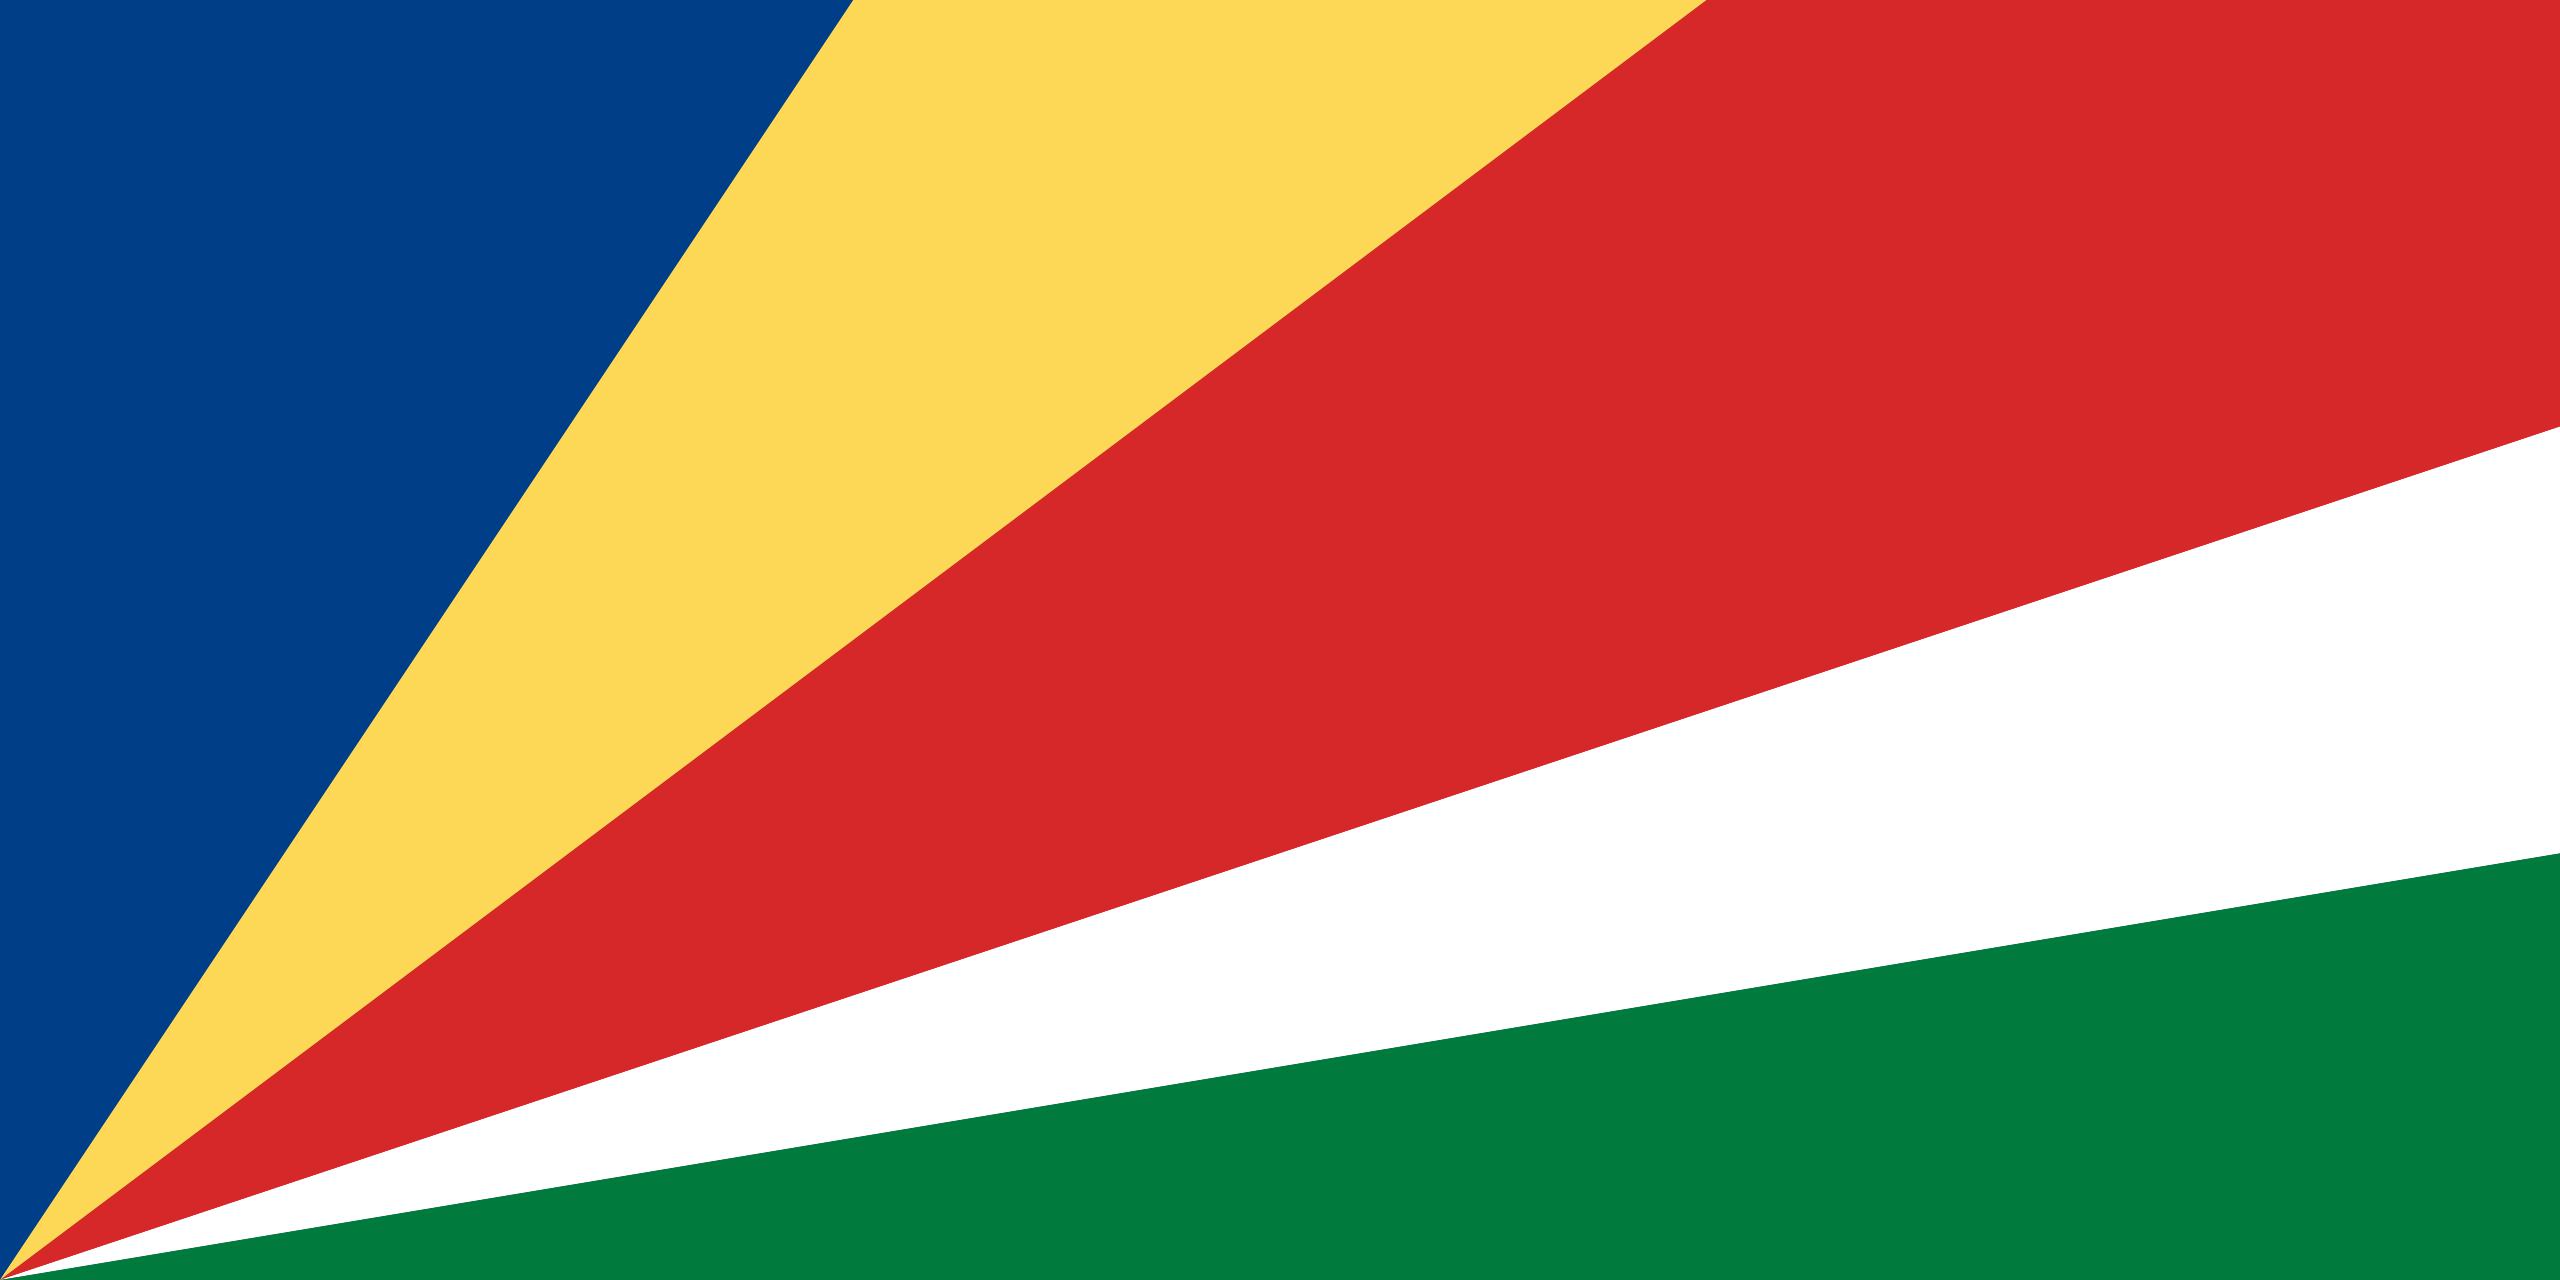 seychelles, χώρα, έμβλημα, λογότυπο, σύμβολο - Wallpapers HD - Professor-falken.com